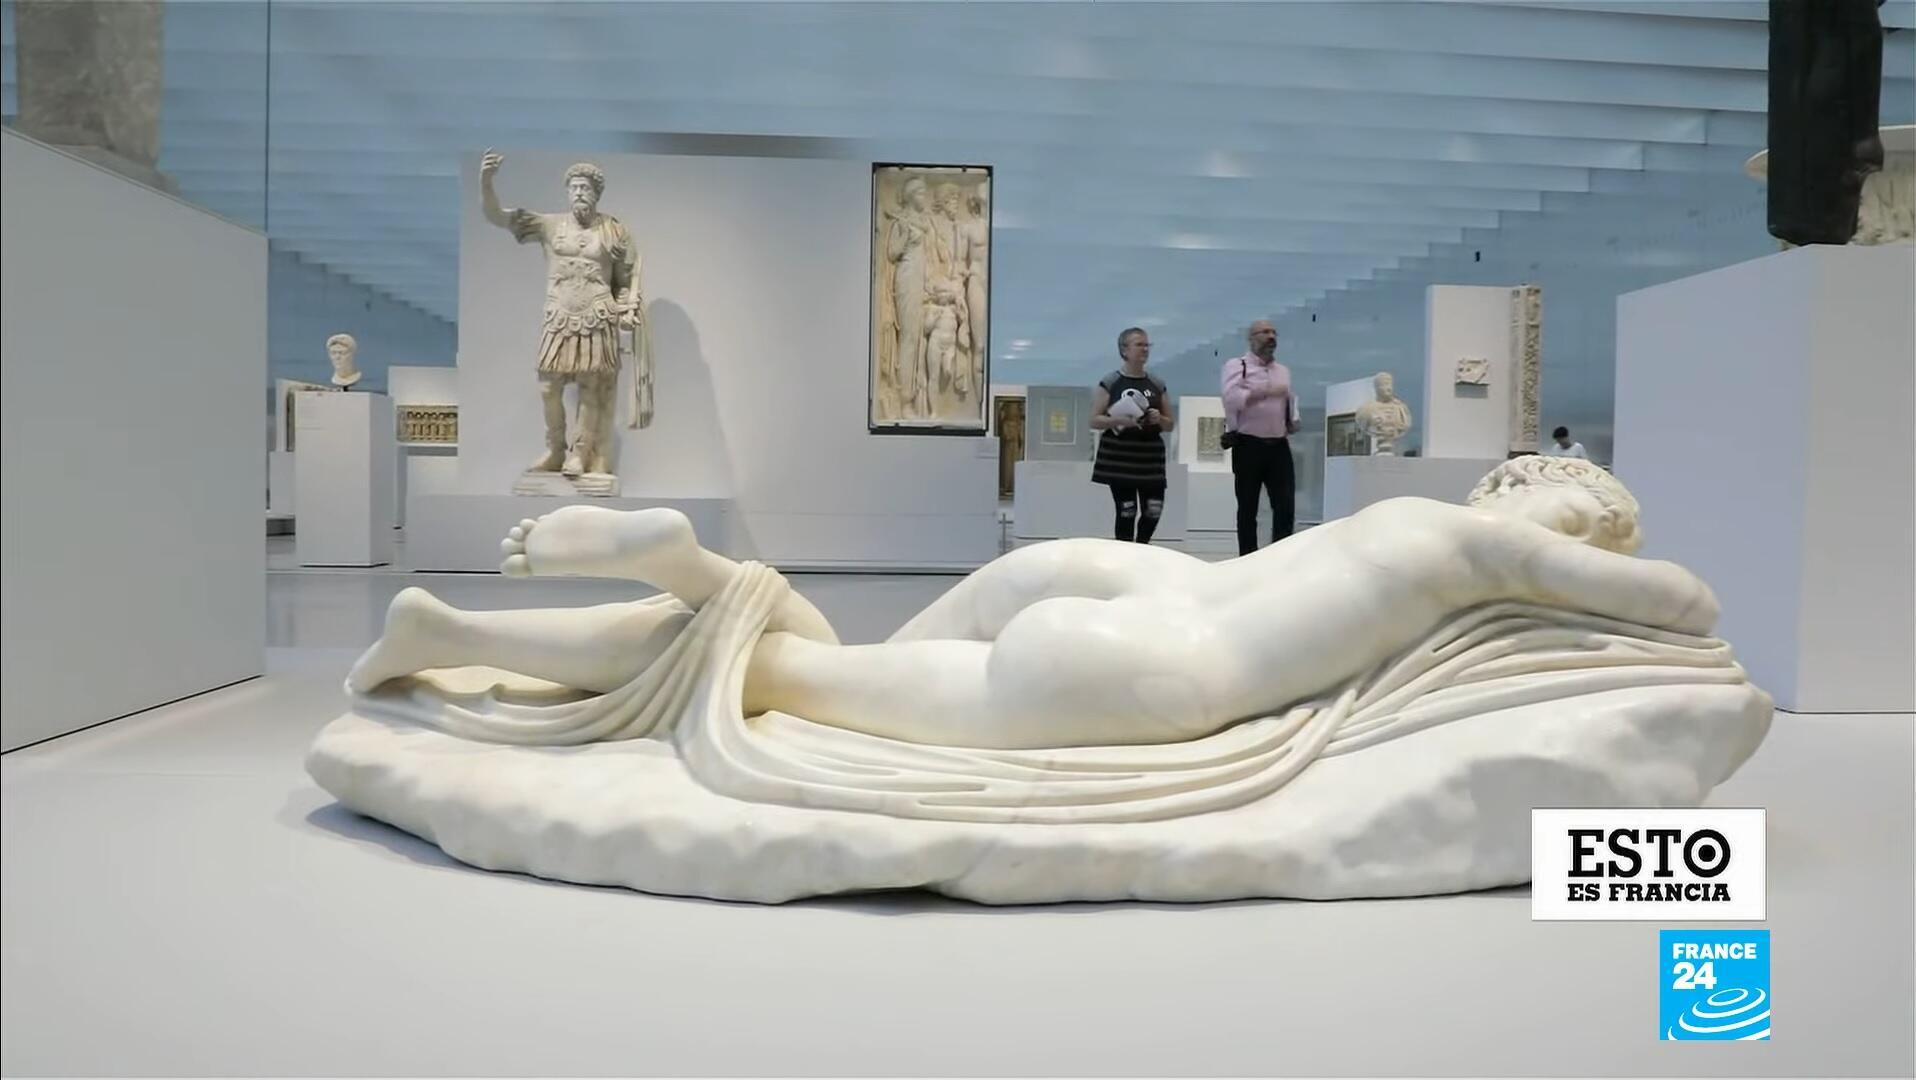 Esto es Francia - Museo Louvre-Lens